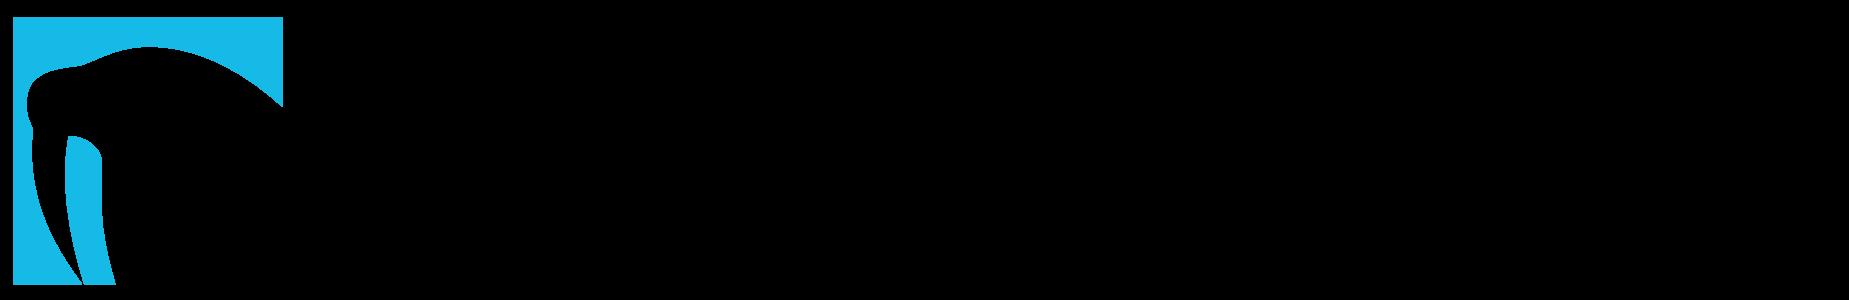 valliq chamber of commerce header